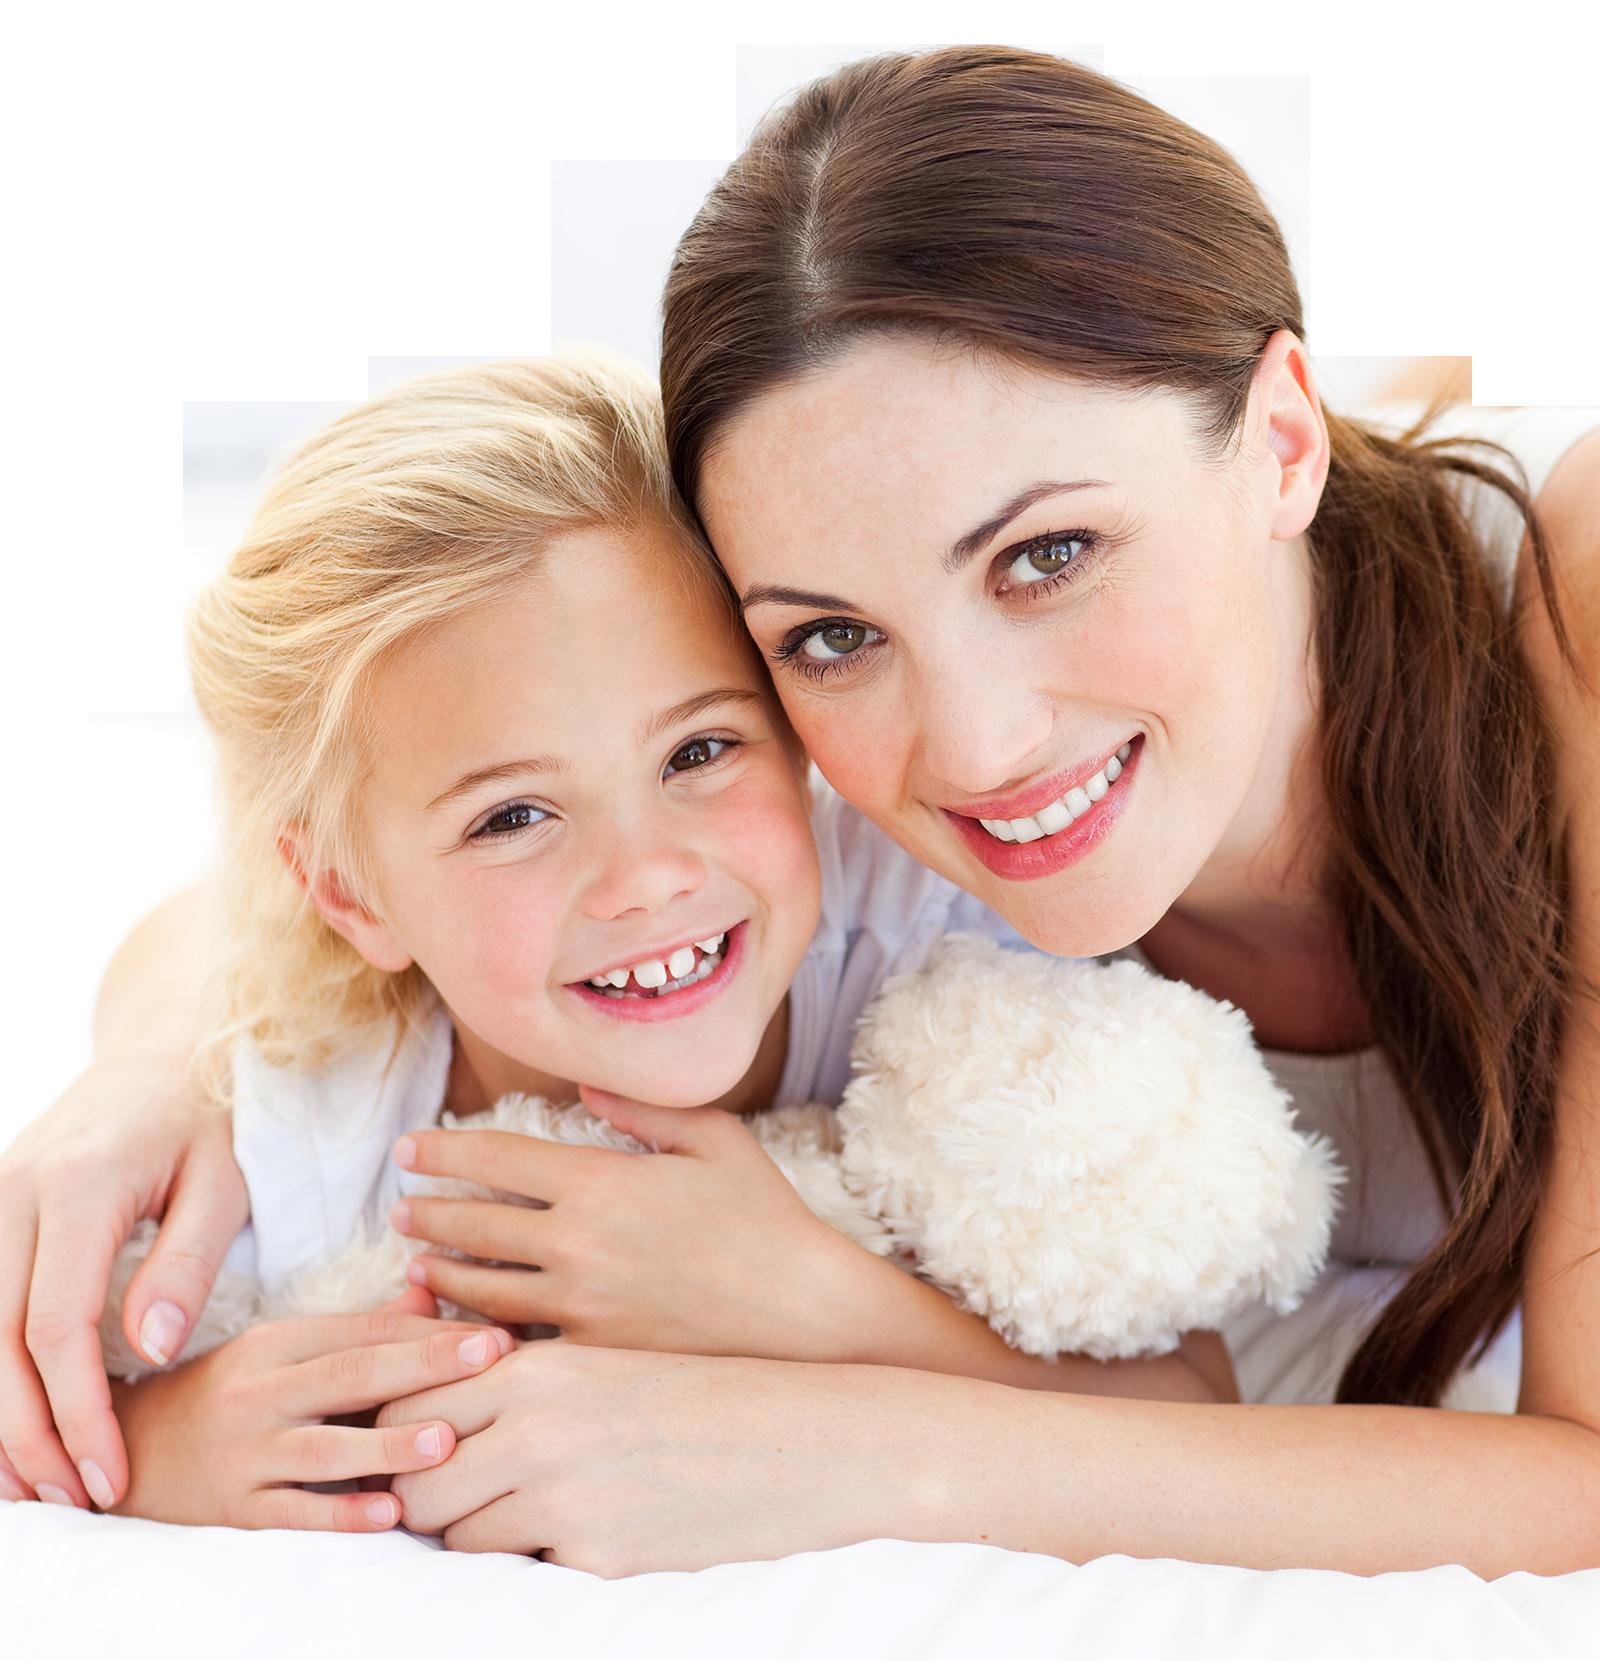 С мамой и дочкой 21 фотография